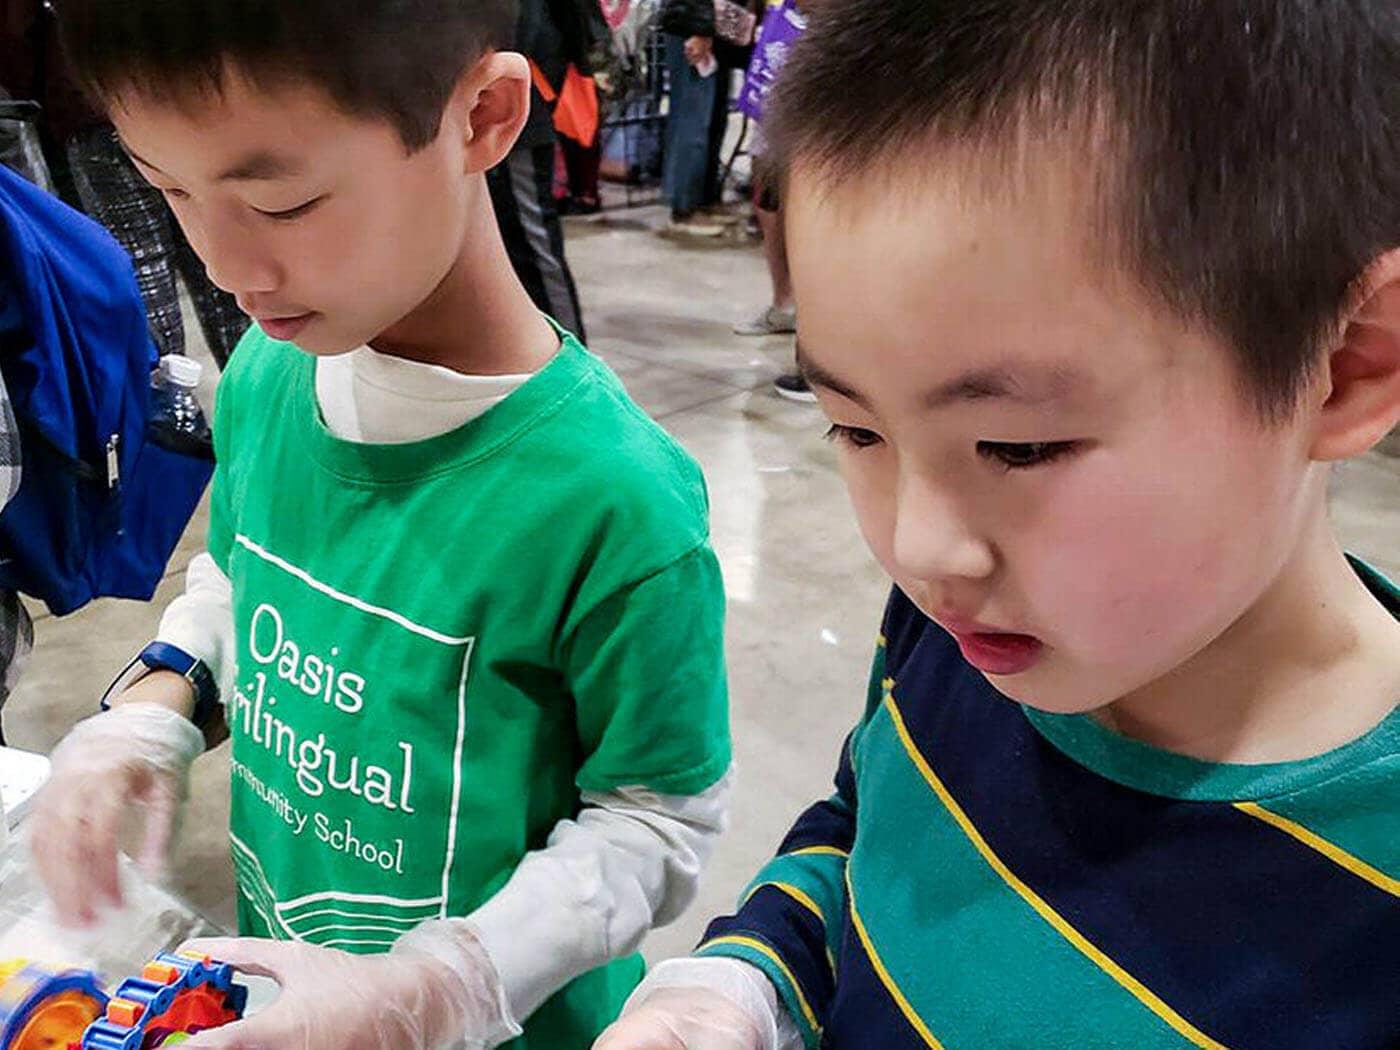 Oasis Elementary School_0000_Pathfinders